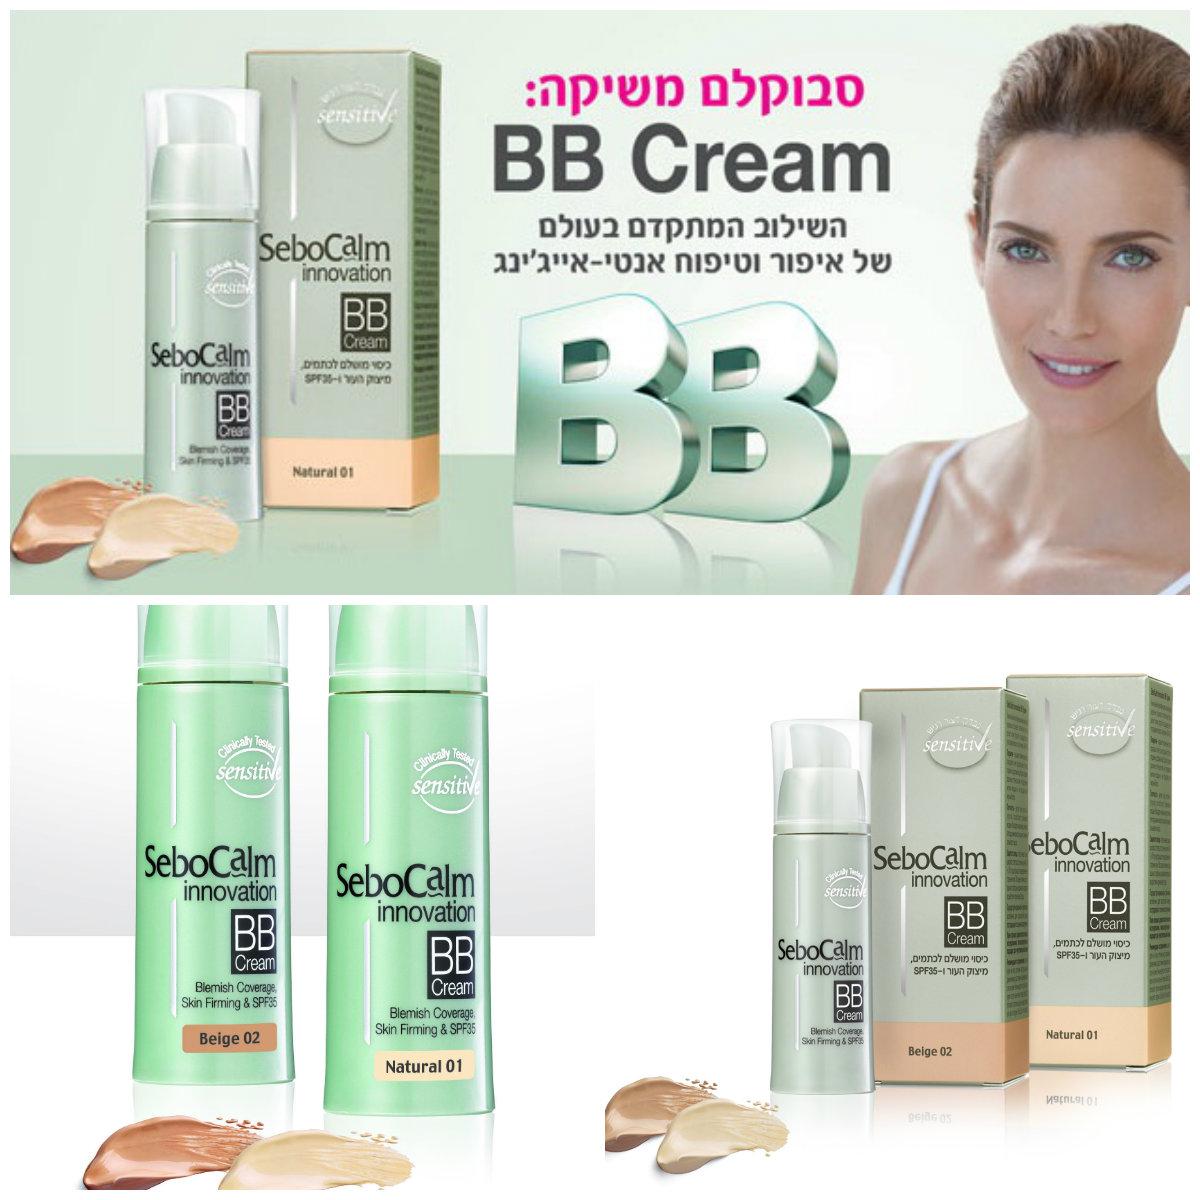 «BB»-крем для здоровой кожи от Sebocalm